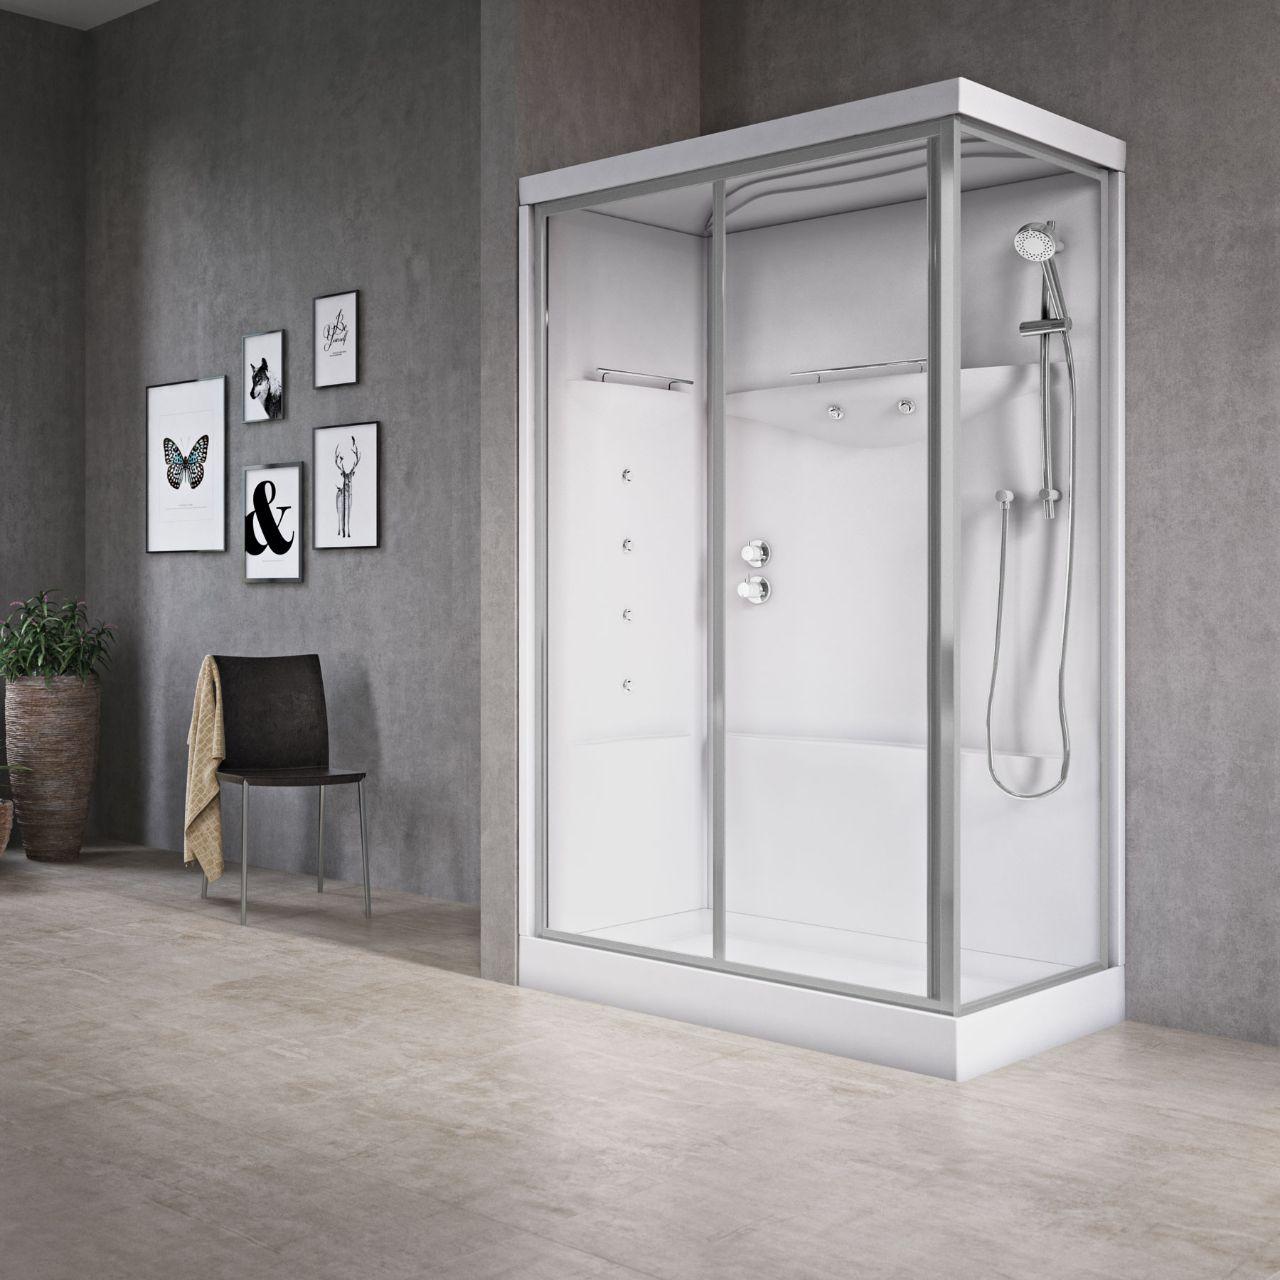 Vasca idromassaggio con box doccia - Cabine doccia multifunzione novellini ...